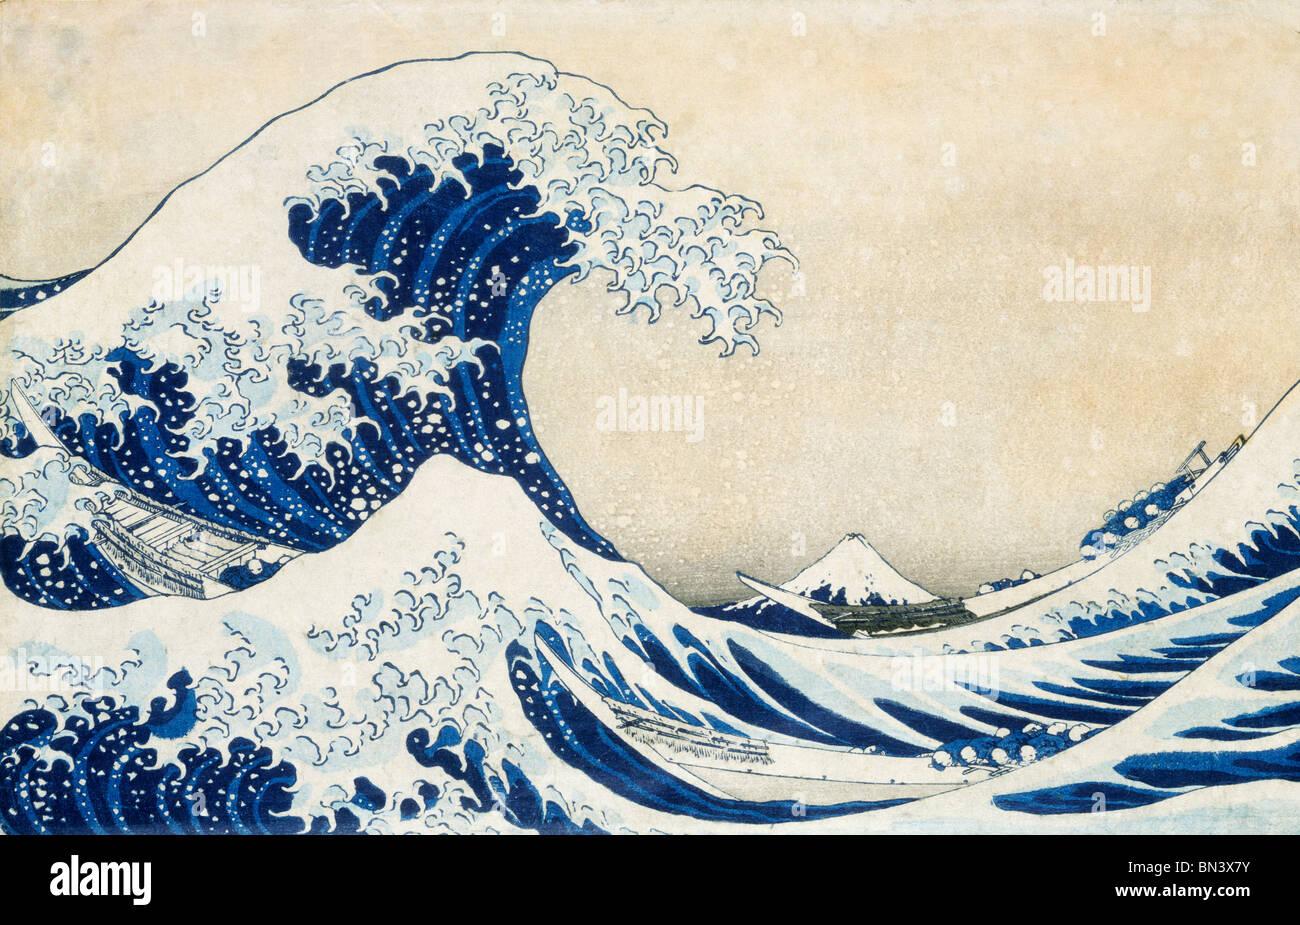 La grande onda di Katsushika Hokusai. Giappone, secolo XIX Immagini Stock